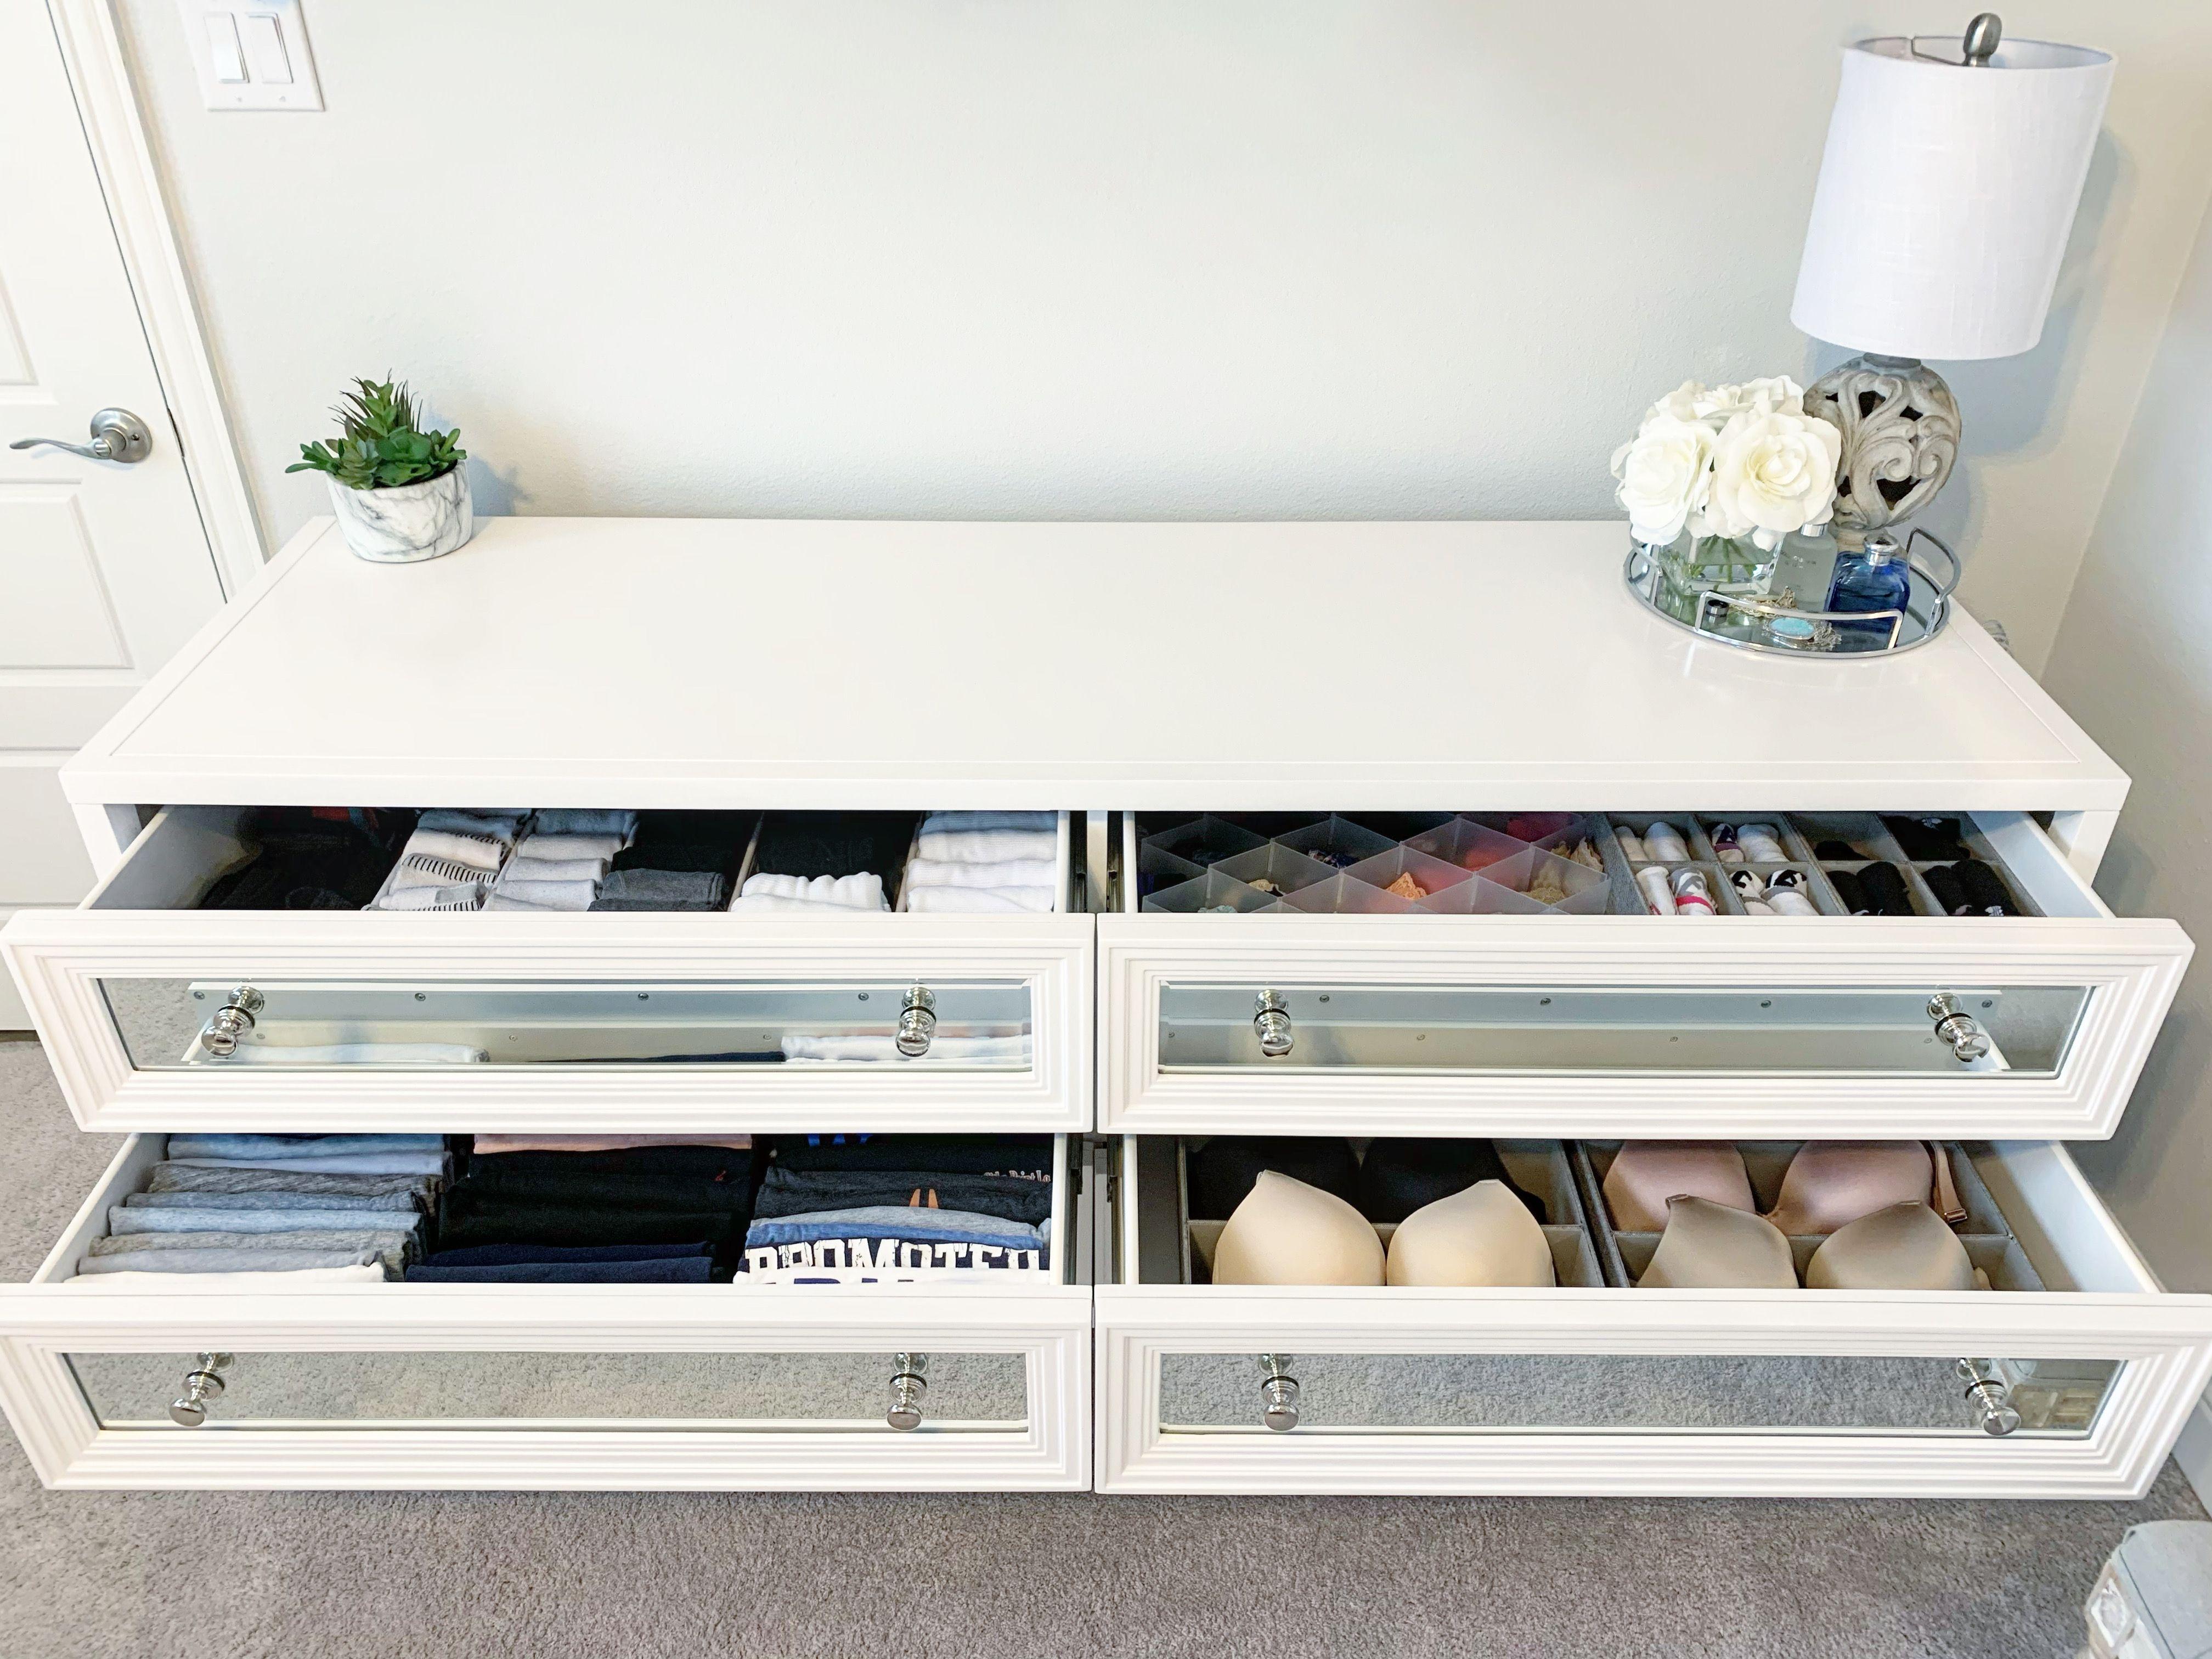 follow me on insta tiktok laurcarnow for more details dresser dresserorganization bedr on kitchen organization tiktok id=39176